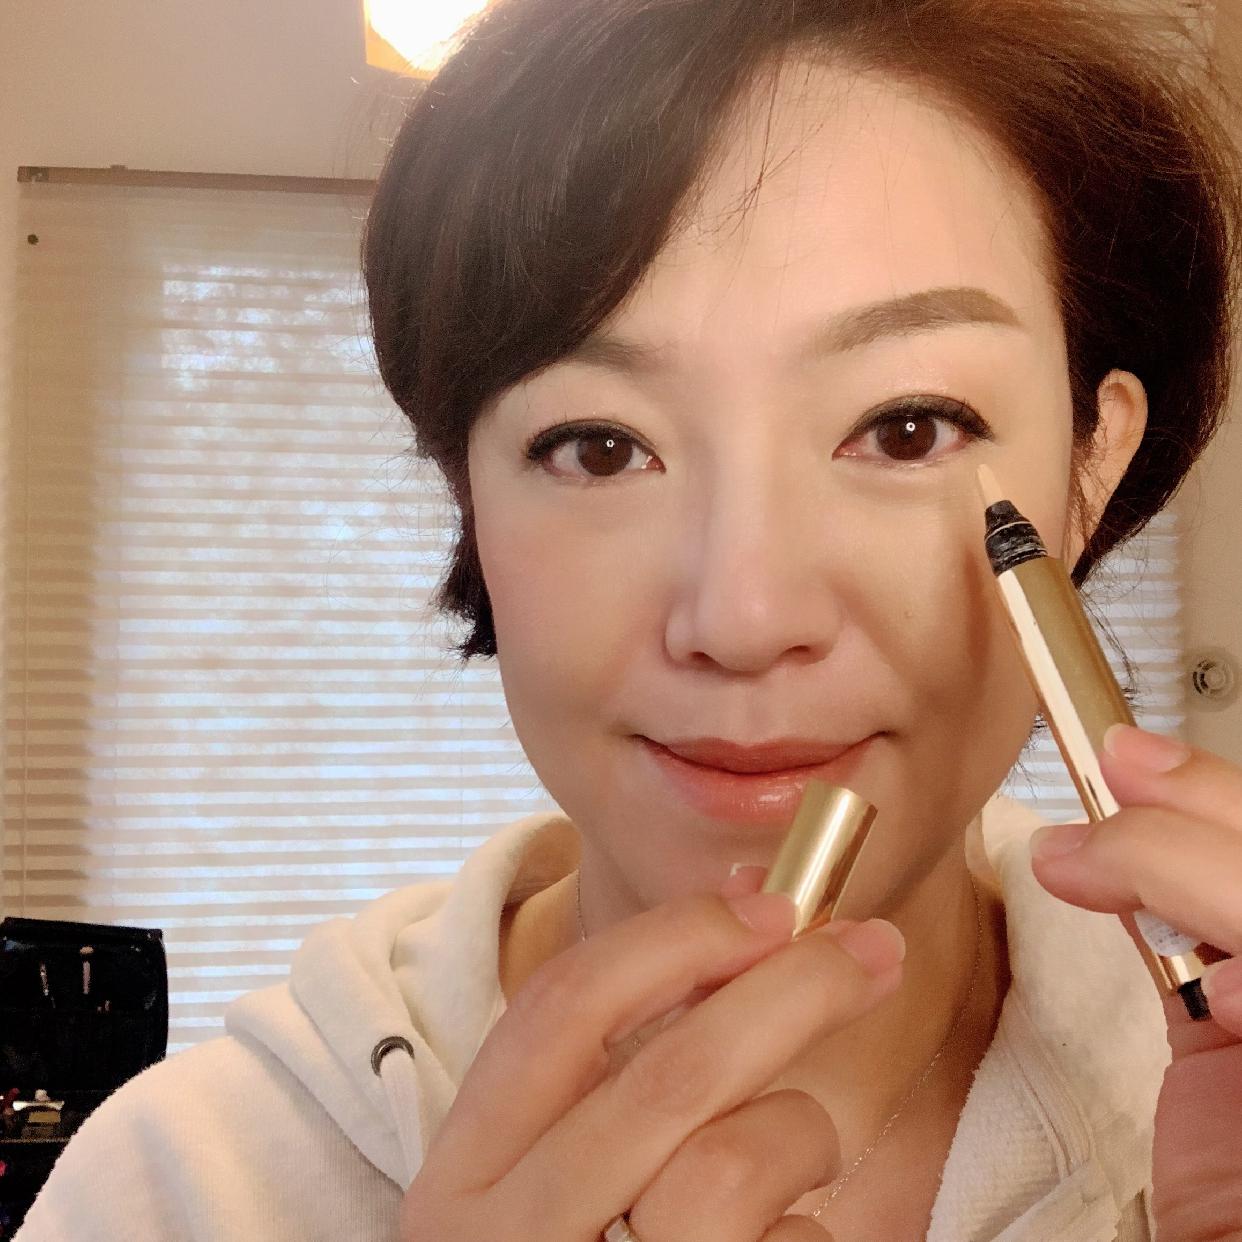 Yves Saint Laurent(イヴサンローラン)ラディアント タッチを使った 豊島 あき子さんの口コミ画像1